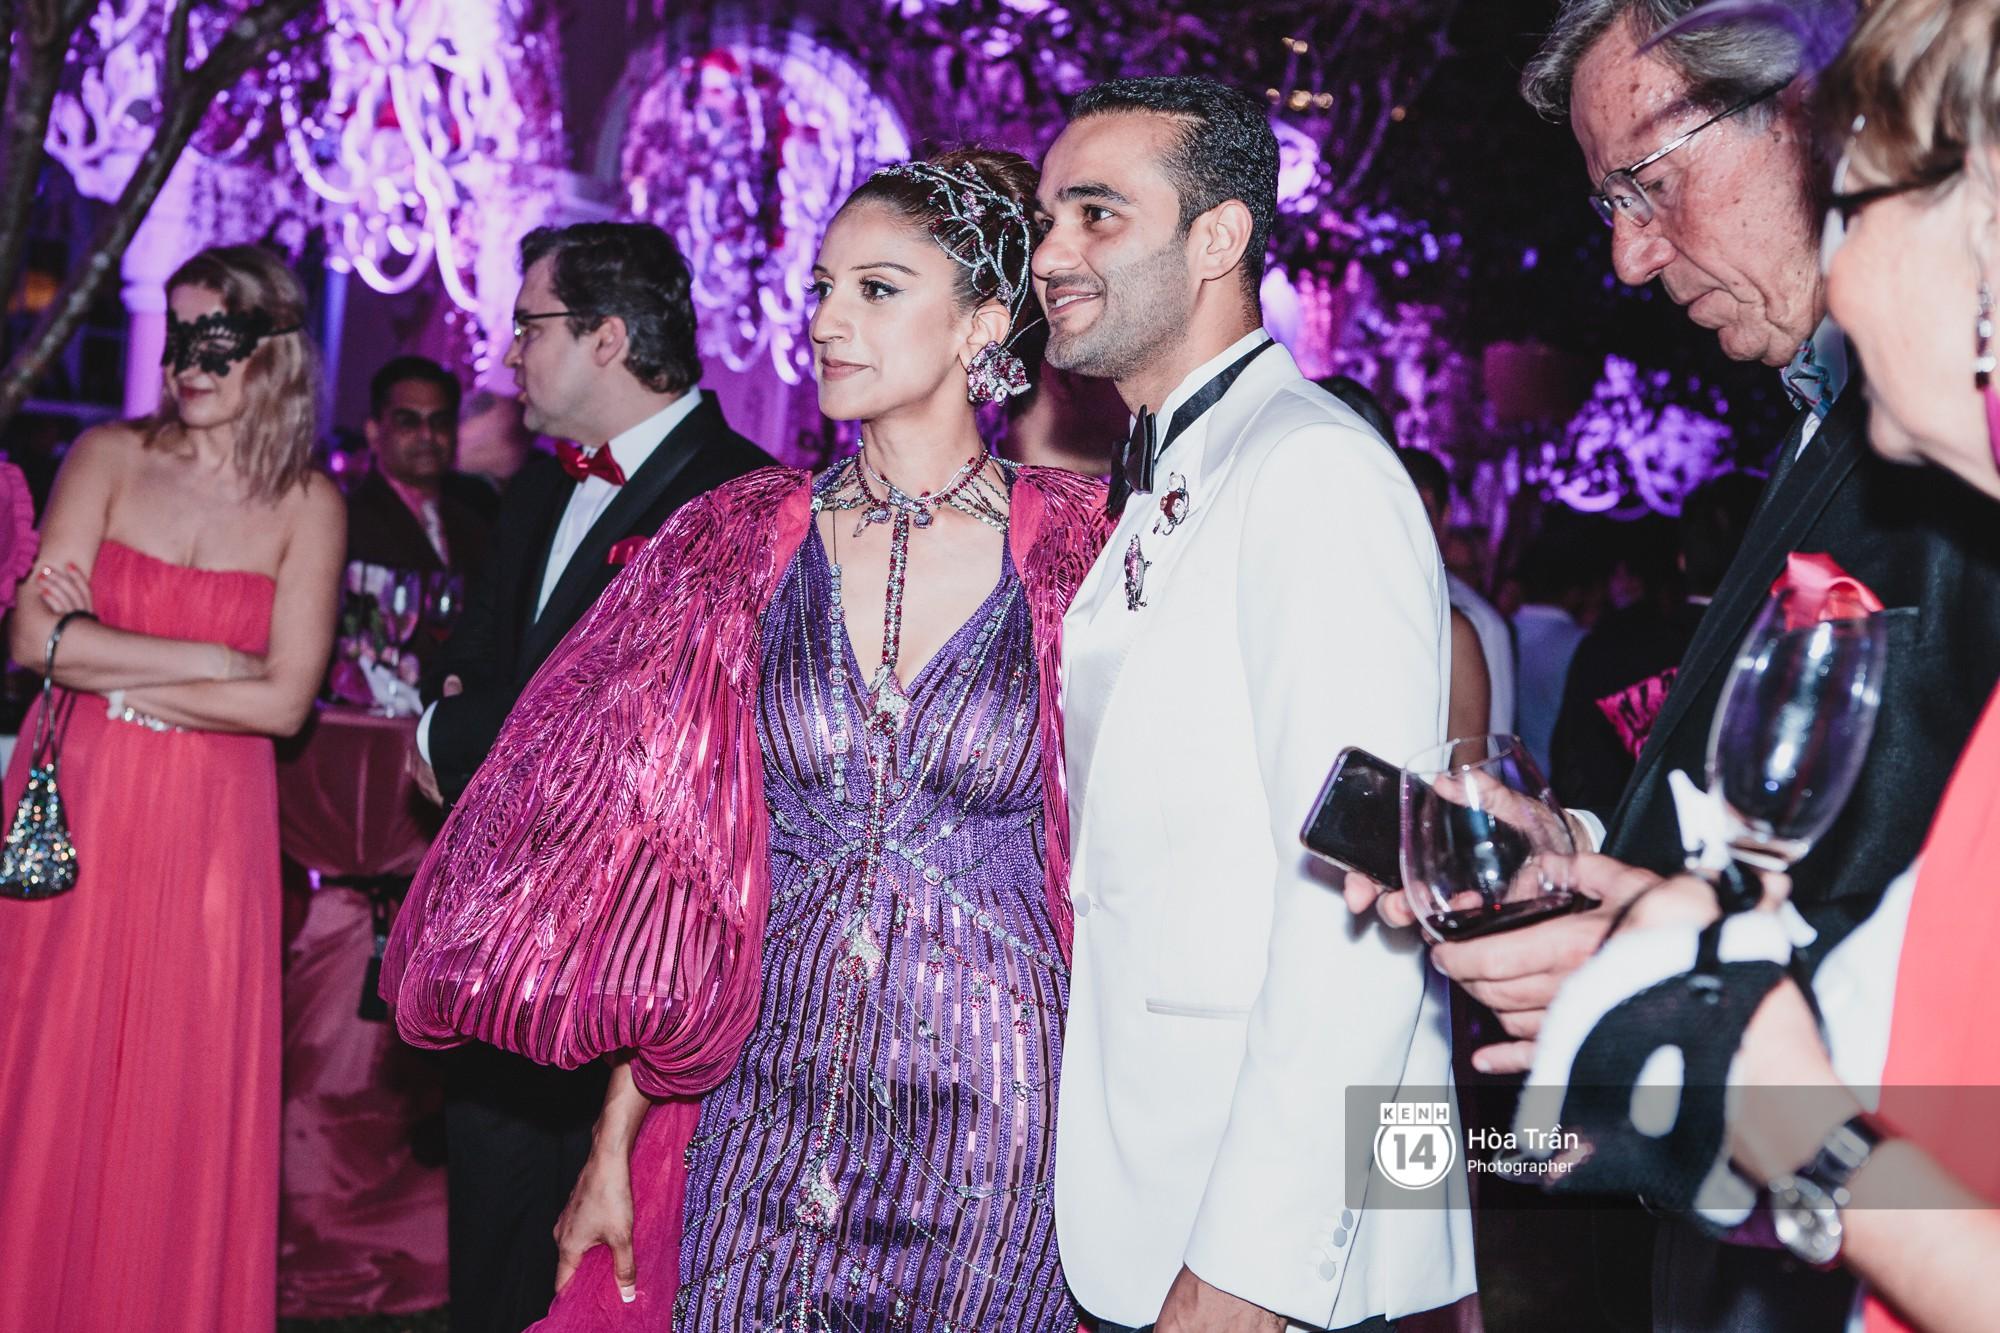 Cặp đôi tỷ phú Ấn Độ lộng lẫy cùng các khách mời đại gia vào đêm tiệc Pink Party đầu tiên ở Phú Quốc - Ảnh 4.